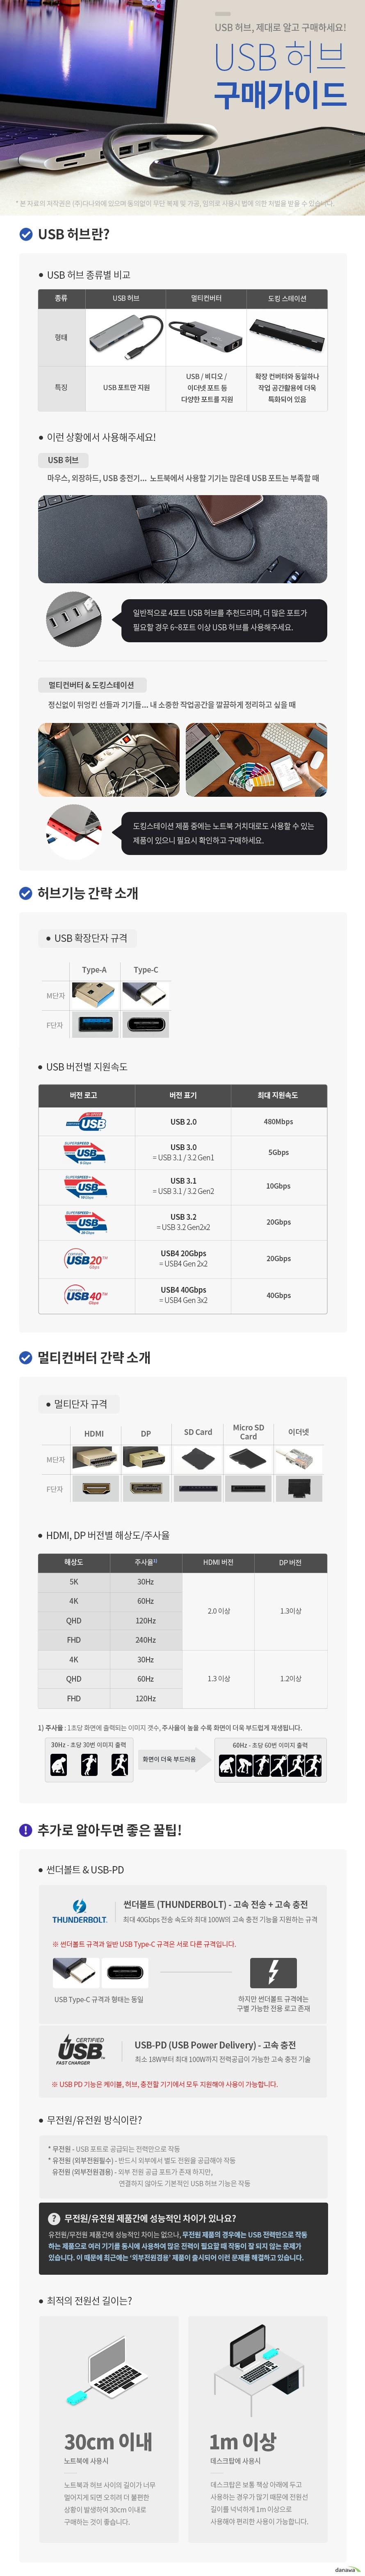 이지넷유비쿼터스 넥스트 NEXT-495UCG (7포트/USB 2.0)